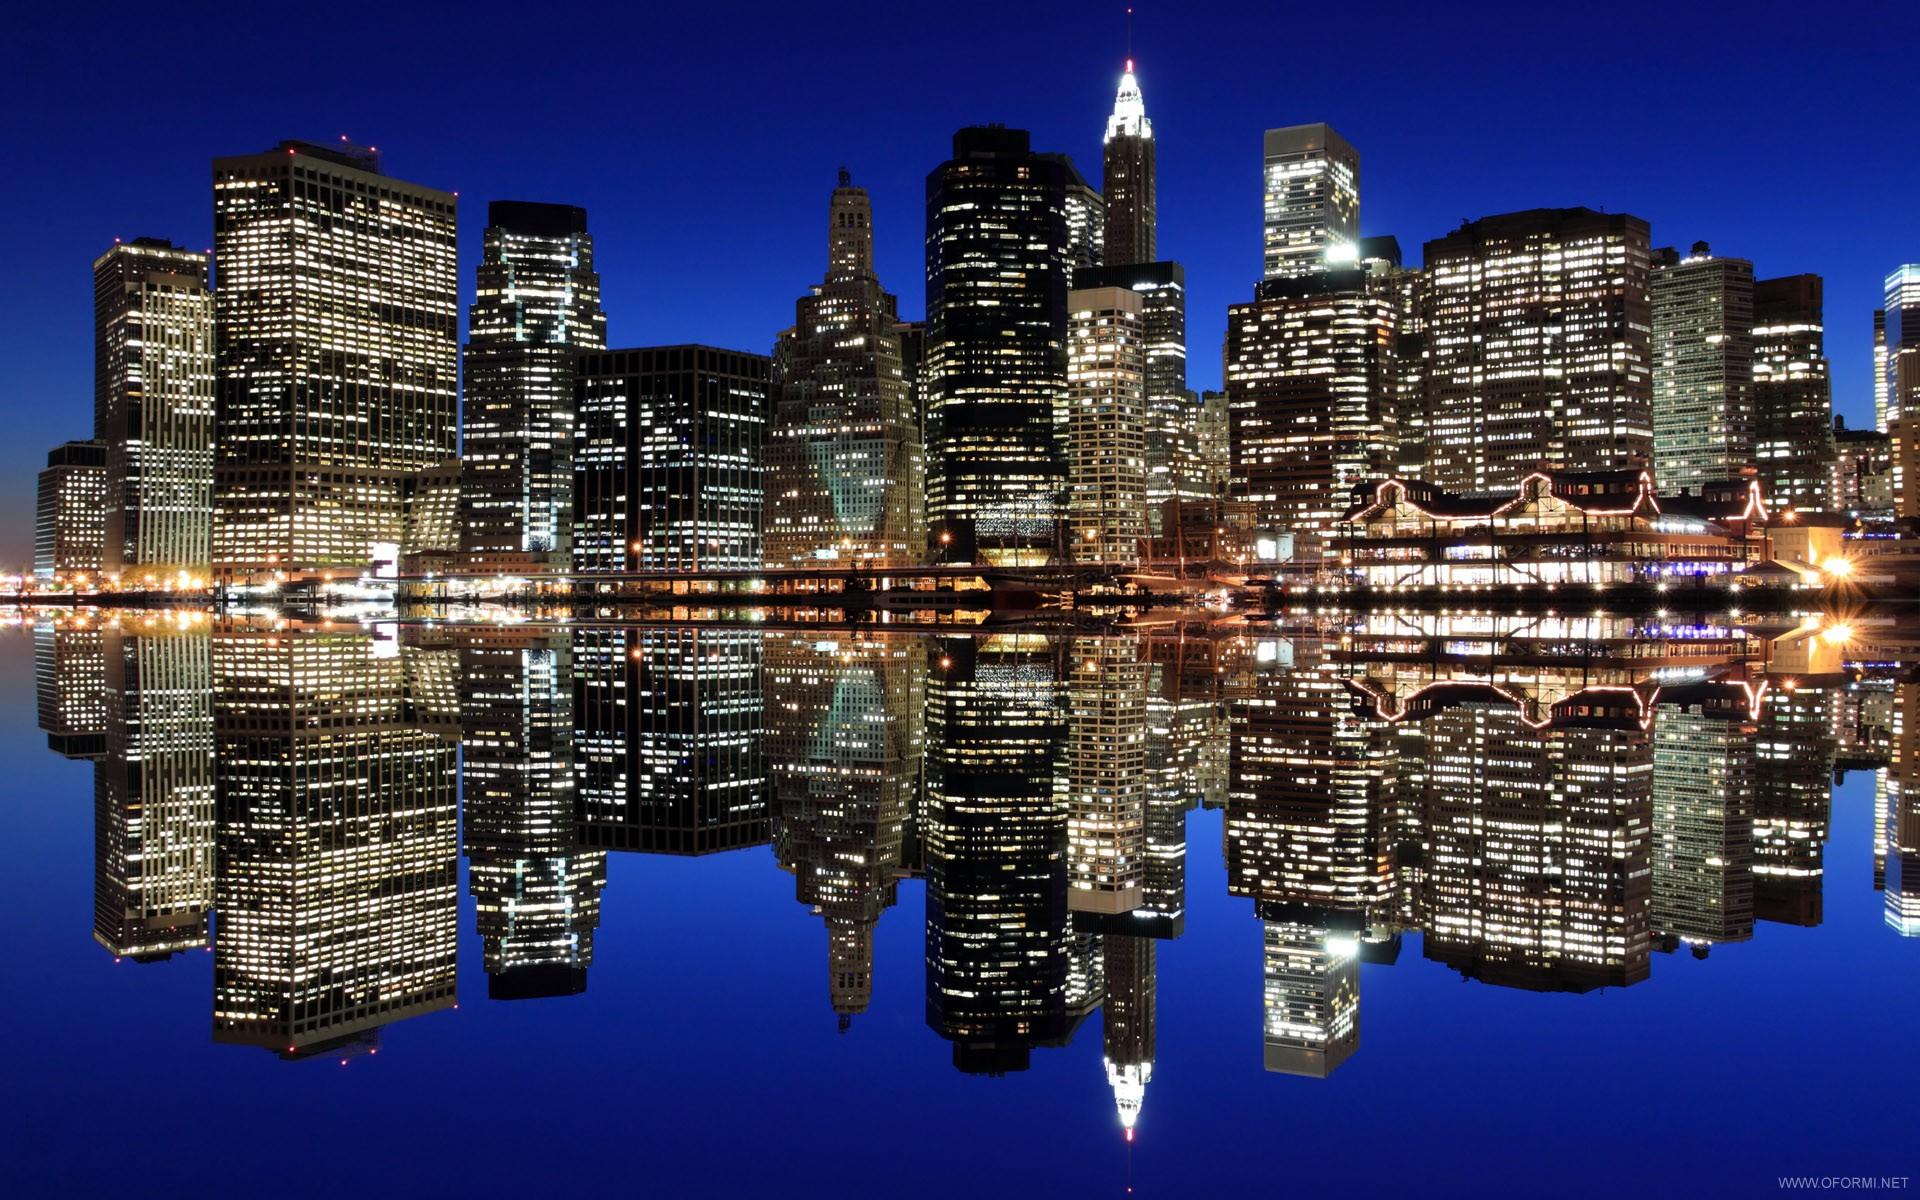 картинки высокого качества для фотопечати город собрали для вас